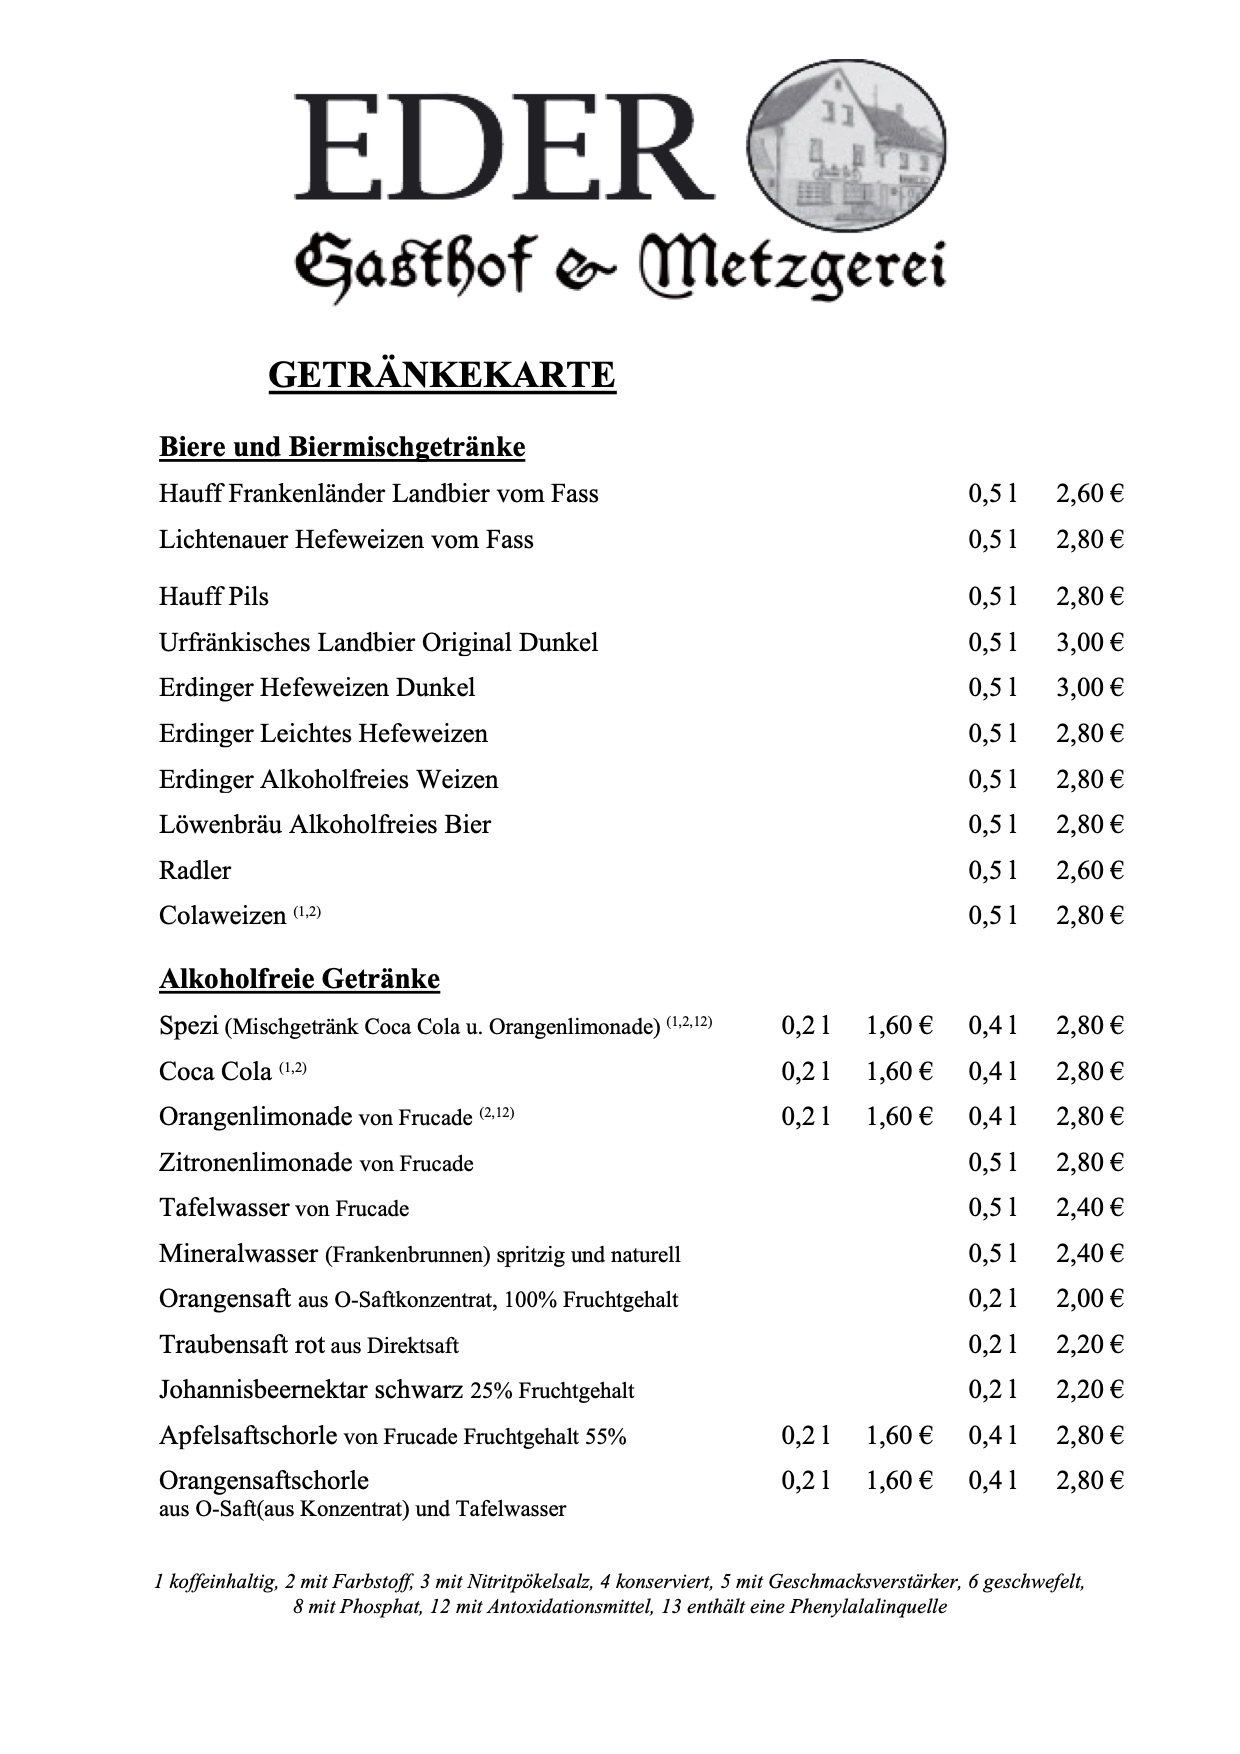 Standardkarte_Seite_5_Getränke_Biere_und